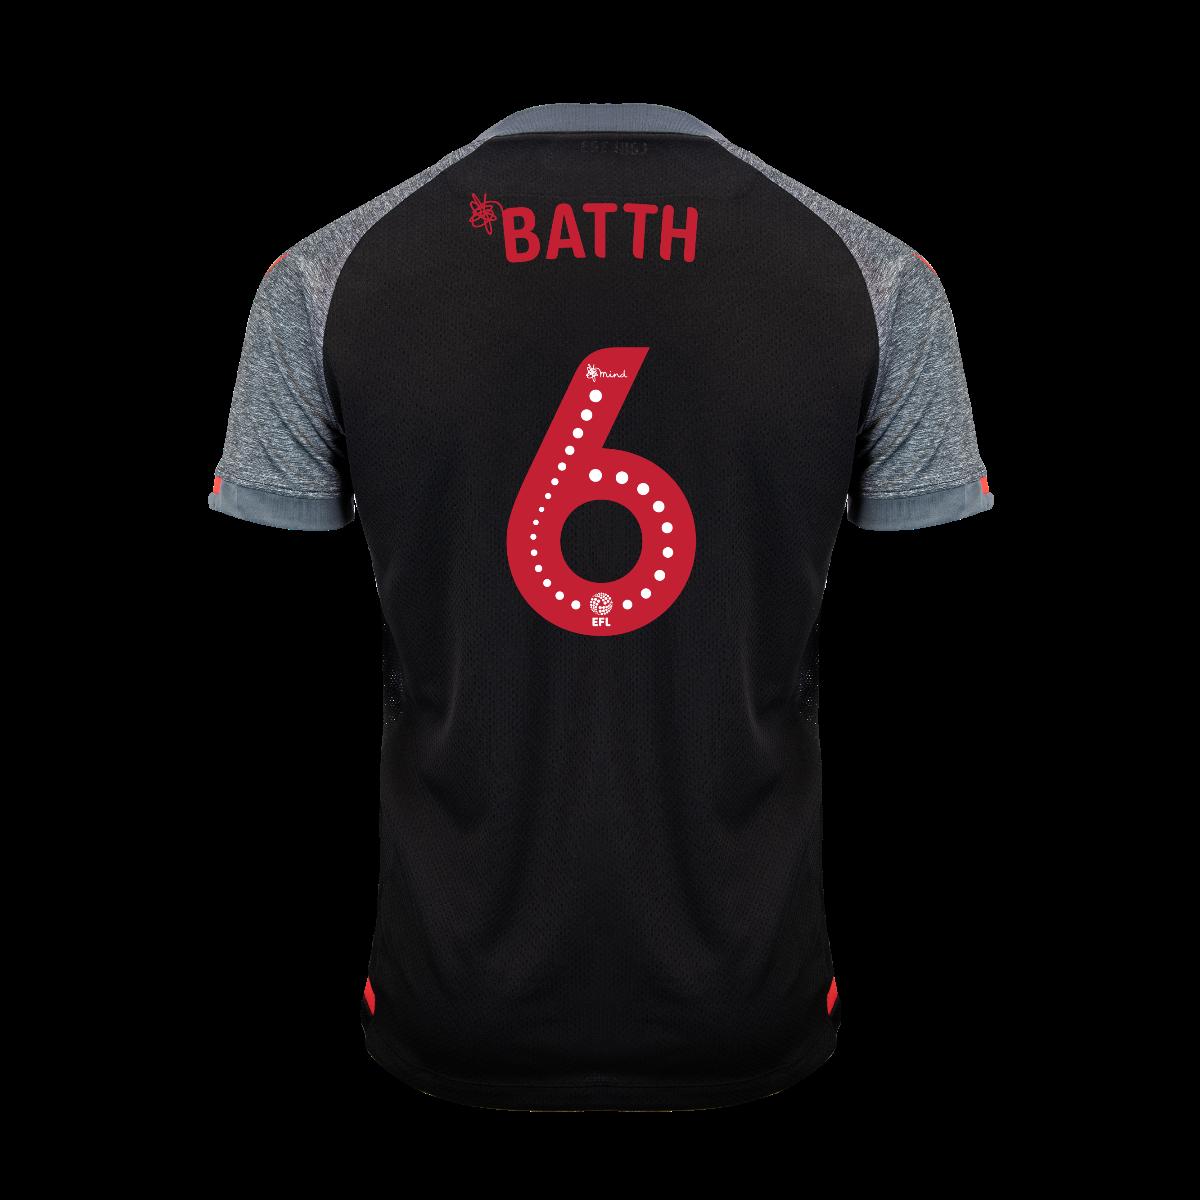 2019/20 Junior Away SS Shirt - Batth